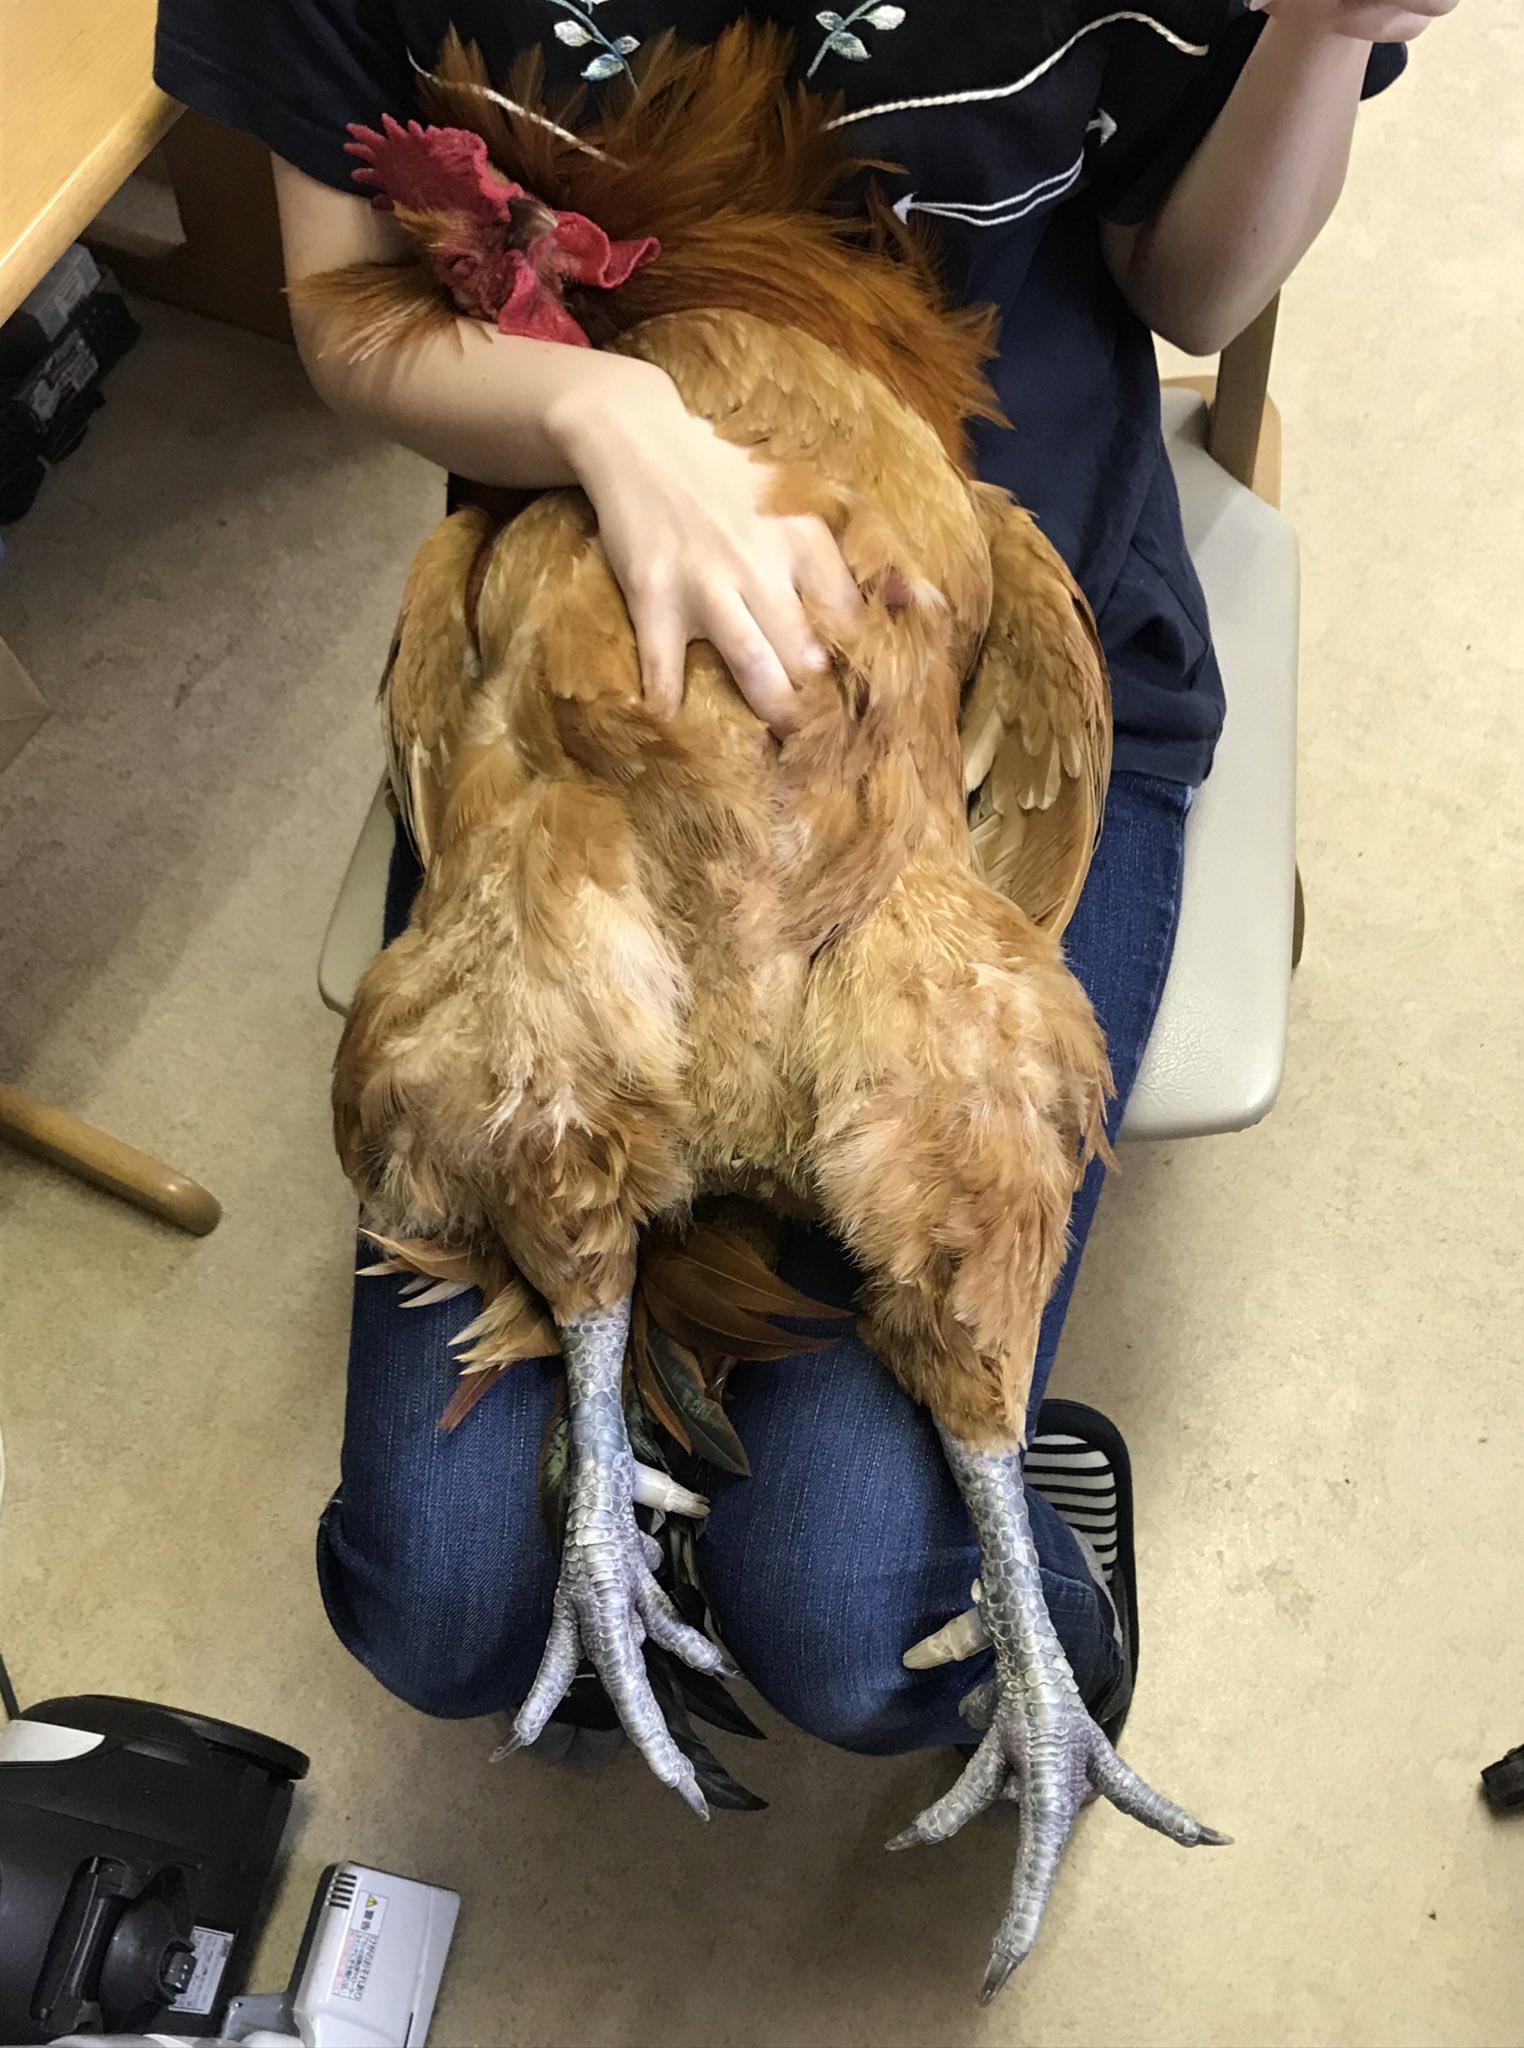 飼い主さんの膝でリラックスしているのは・・自分が鶏だということを忘れた鶏?